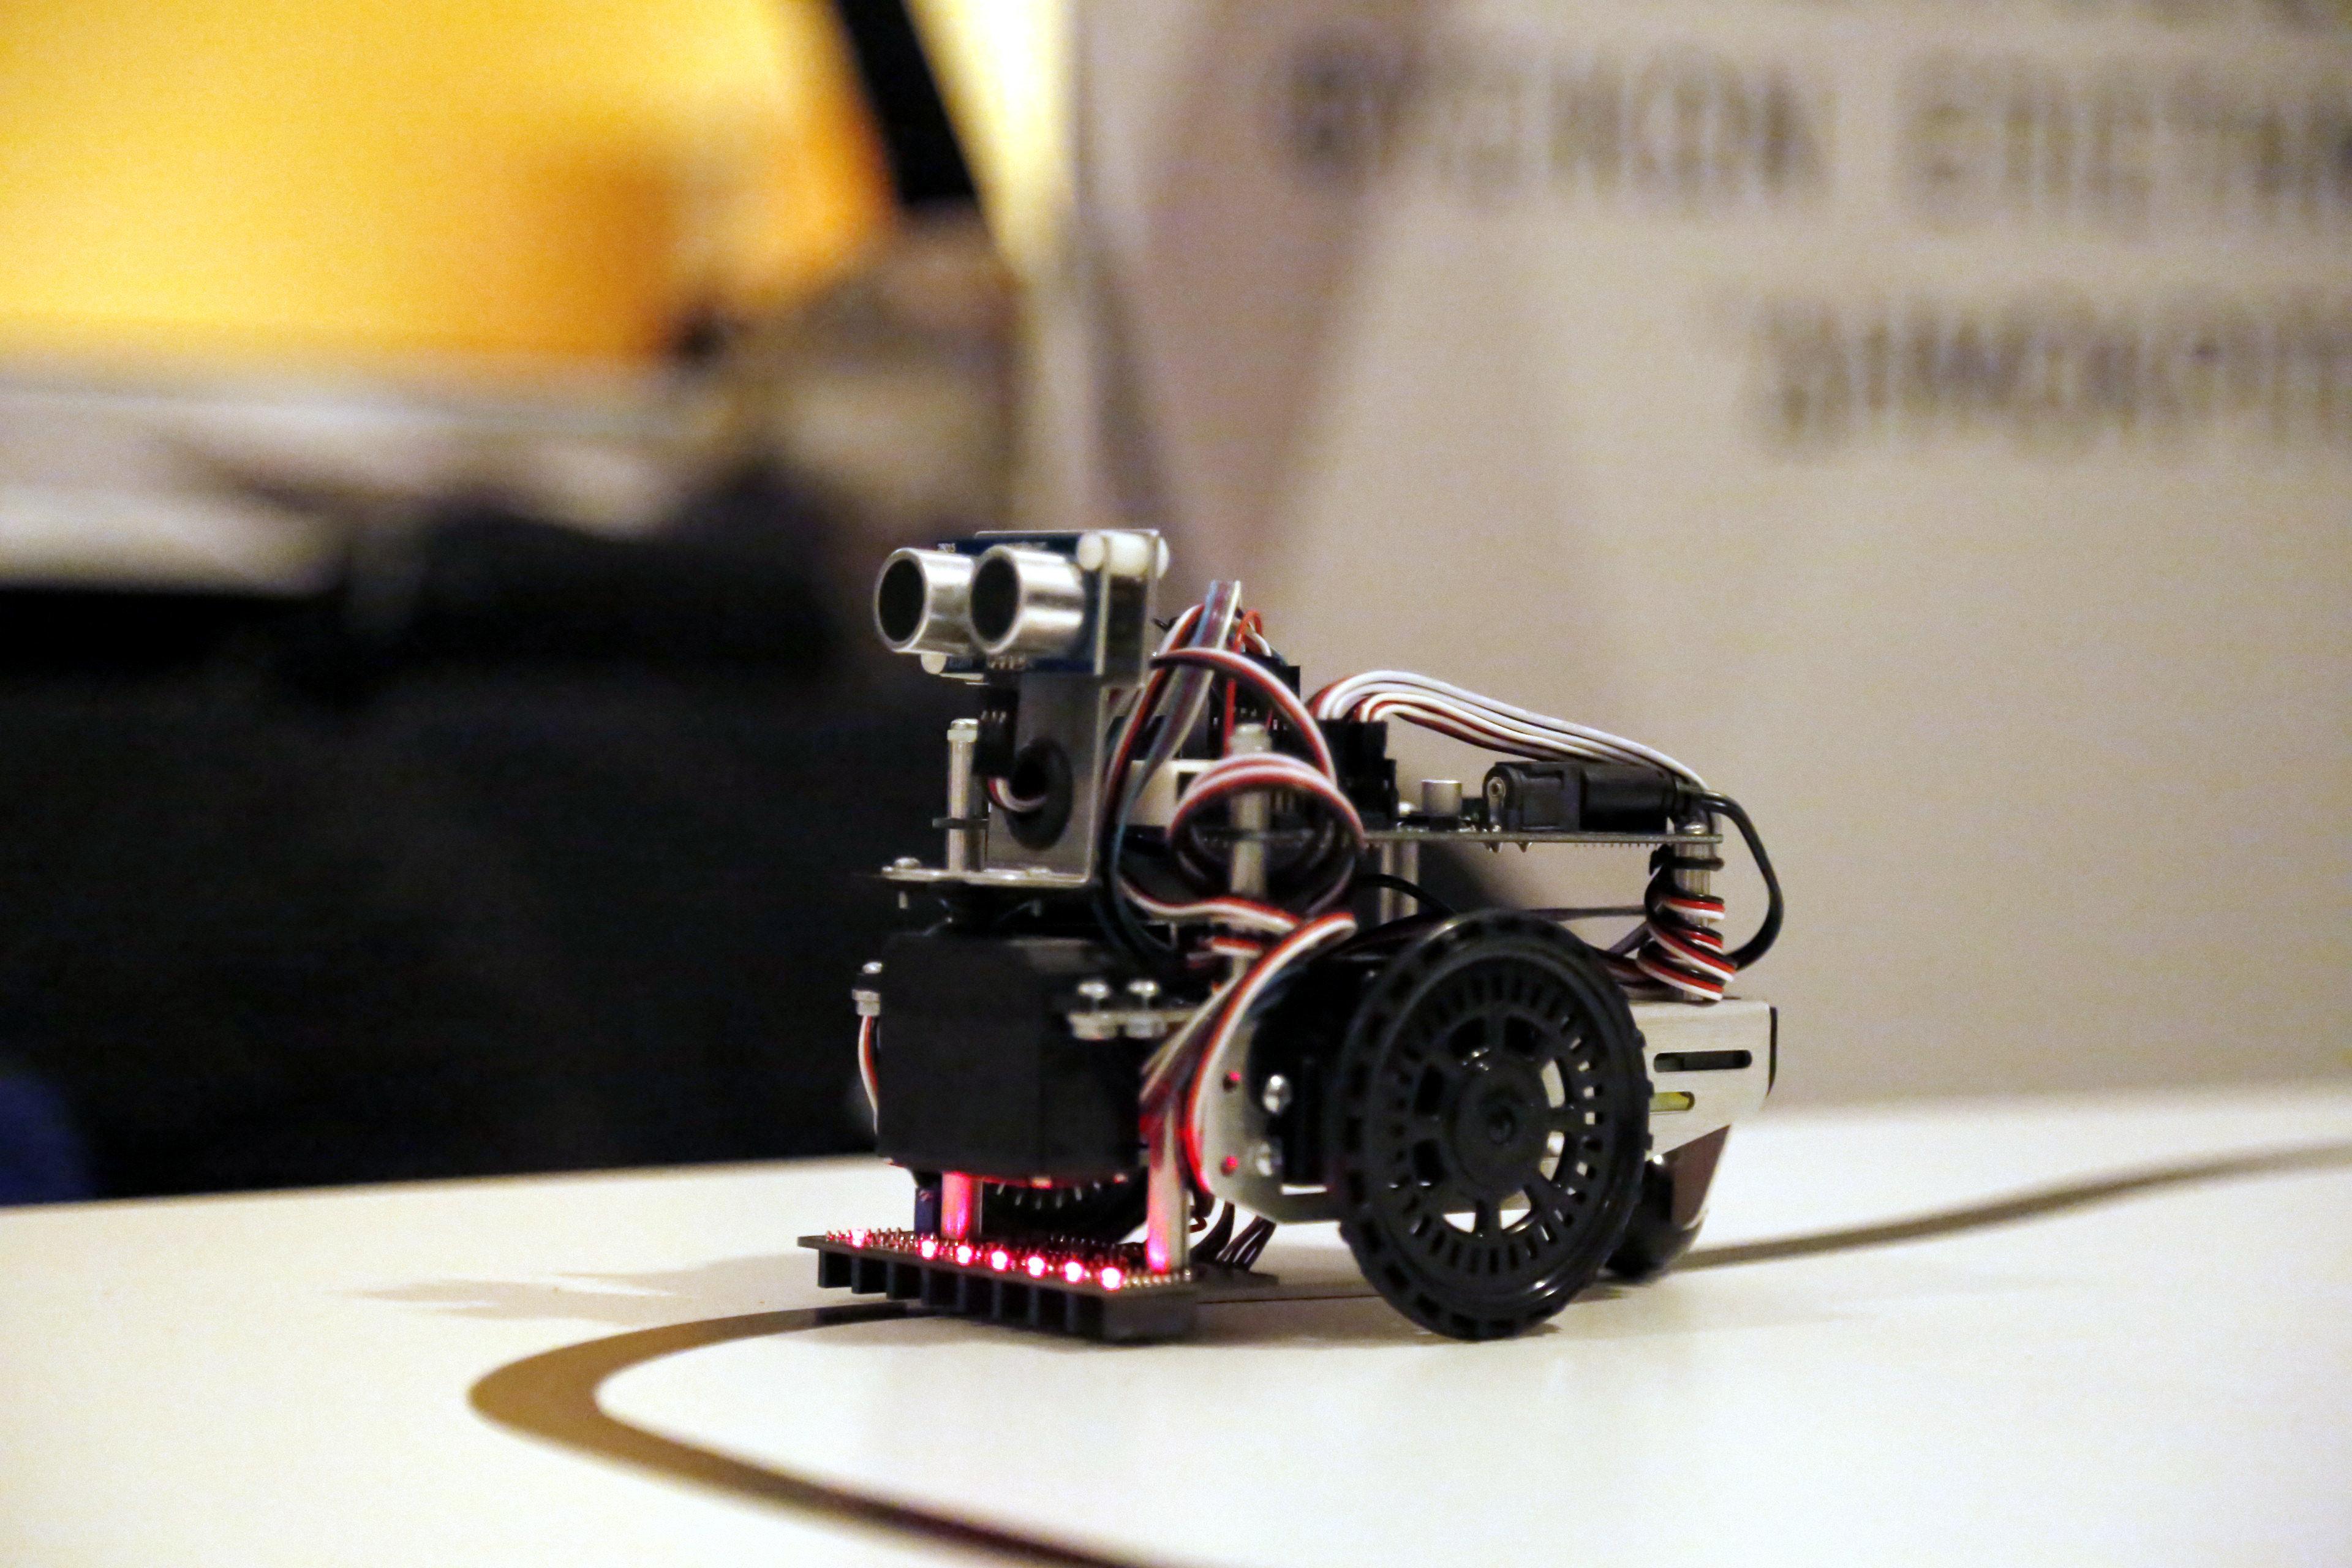 Αυτός είναι ο Τρικαλινός καθηγητής που «τρέλανε» τον Guardian με το πρόγραμμα εκπαιδευτικής ρομποτικής...